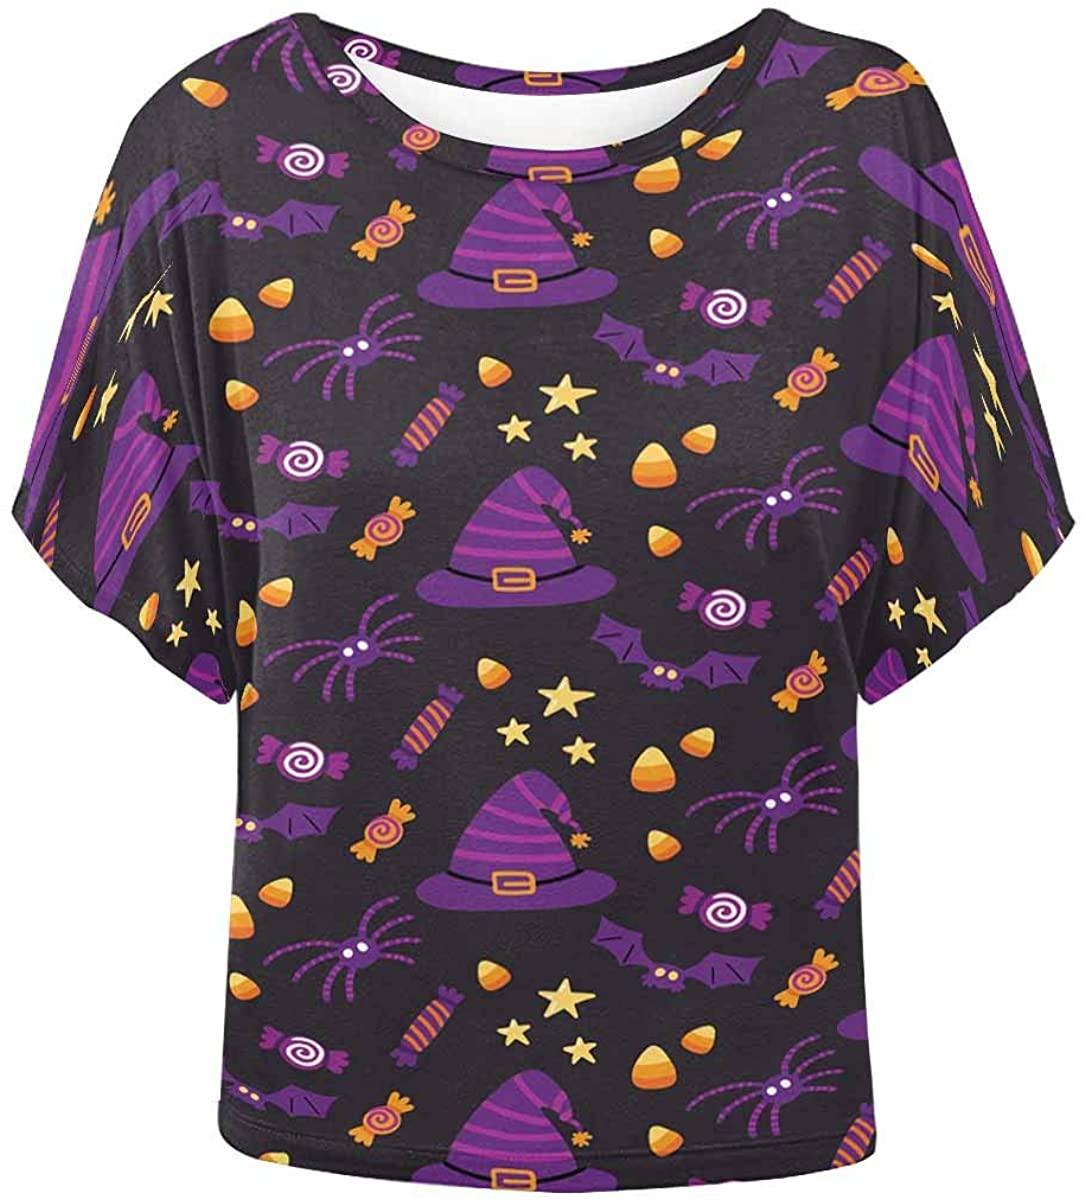 INTERESTPRINT Women O Neck Blouse Halloween Candy Bat Wing Top Shirt